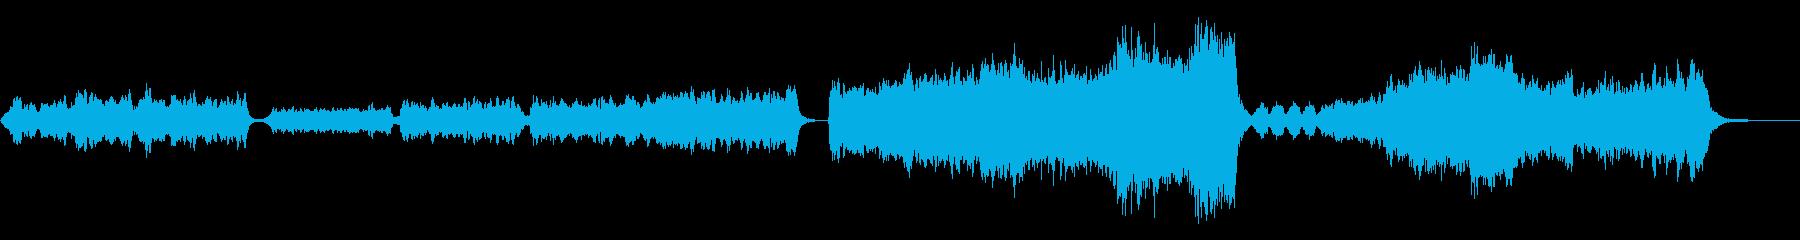 素敵な物語の始まりを予感させるBGMの再生済みの波形